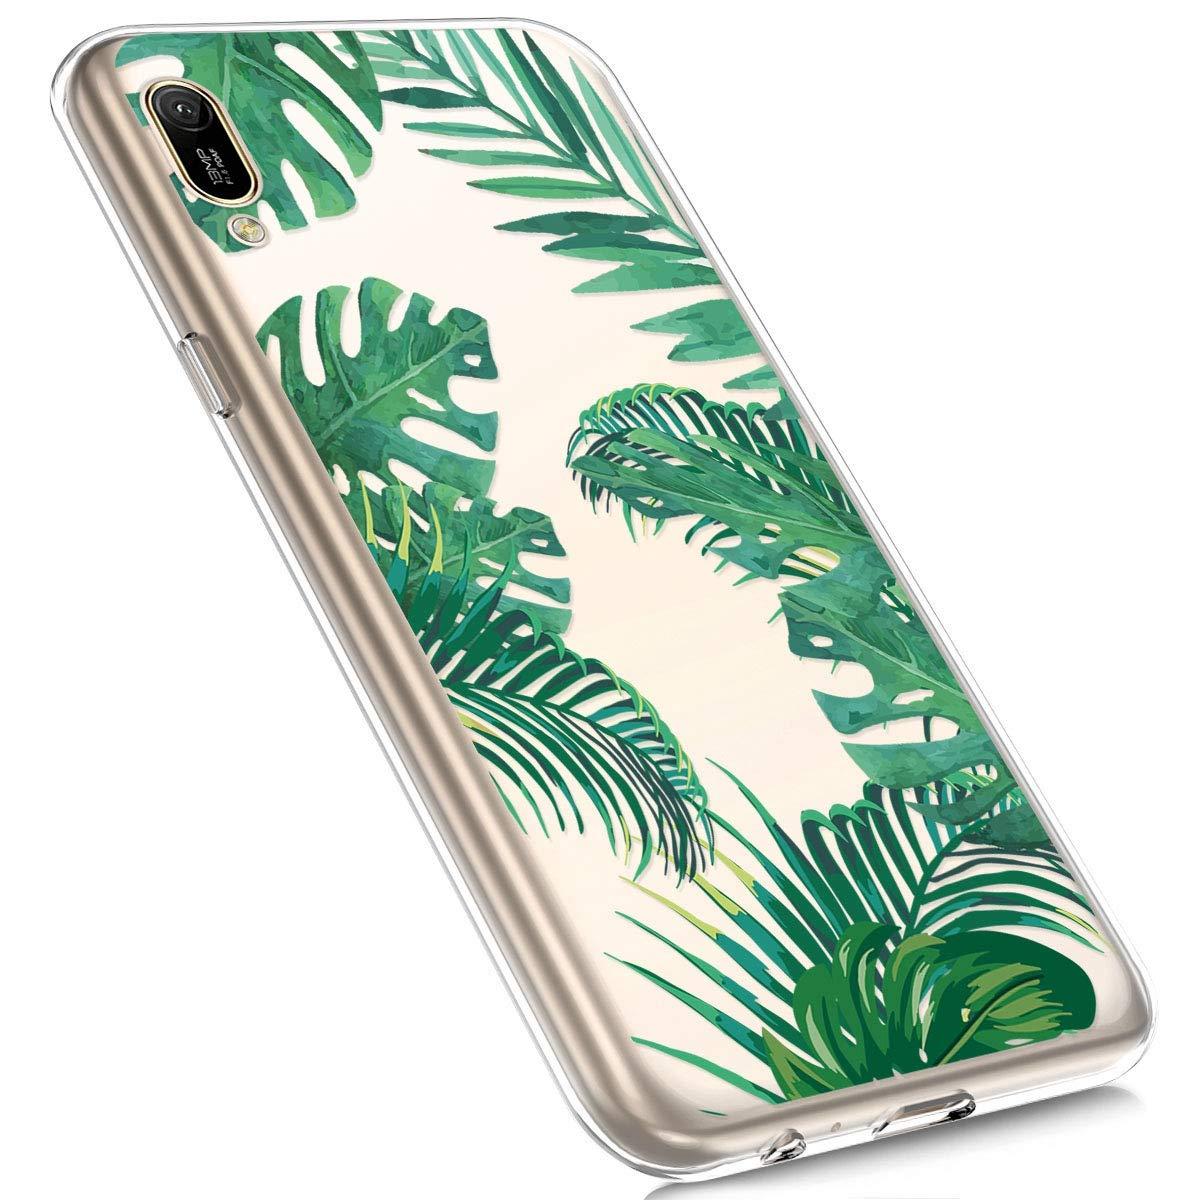 Felfy Kompatibel mit Huawei Y6 2019 H/ülle,Kompatibel mit Huawei Y6 2019 Handyh/ülle Transparent Silikon Schutzh/ülle Elegant Muster Ultrad/ünn Weich Gel Kristall Klar Silikonh/ülle Sto/ßfest Cover Case